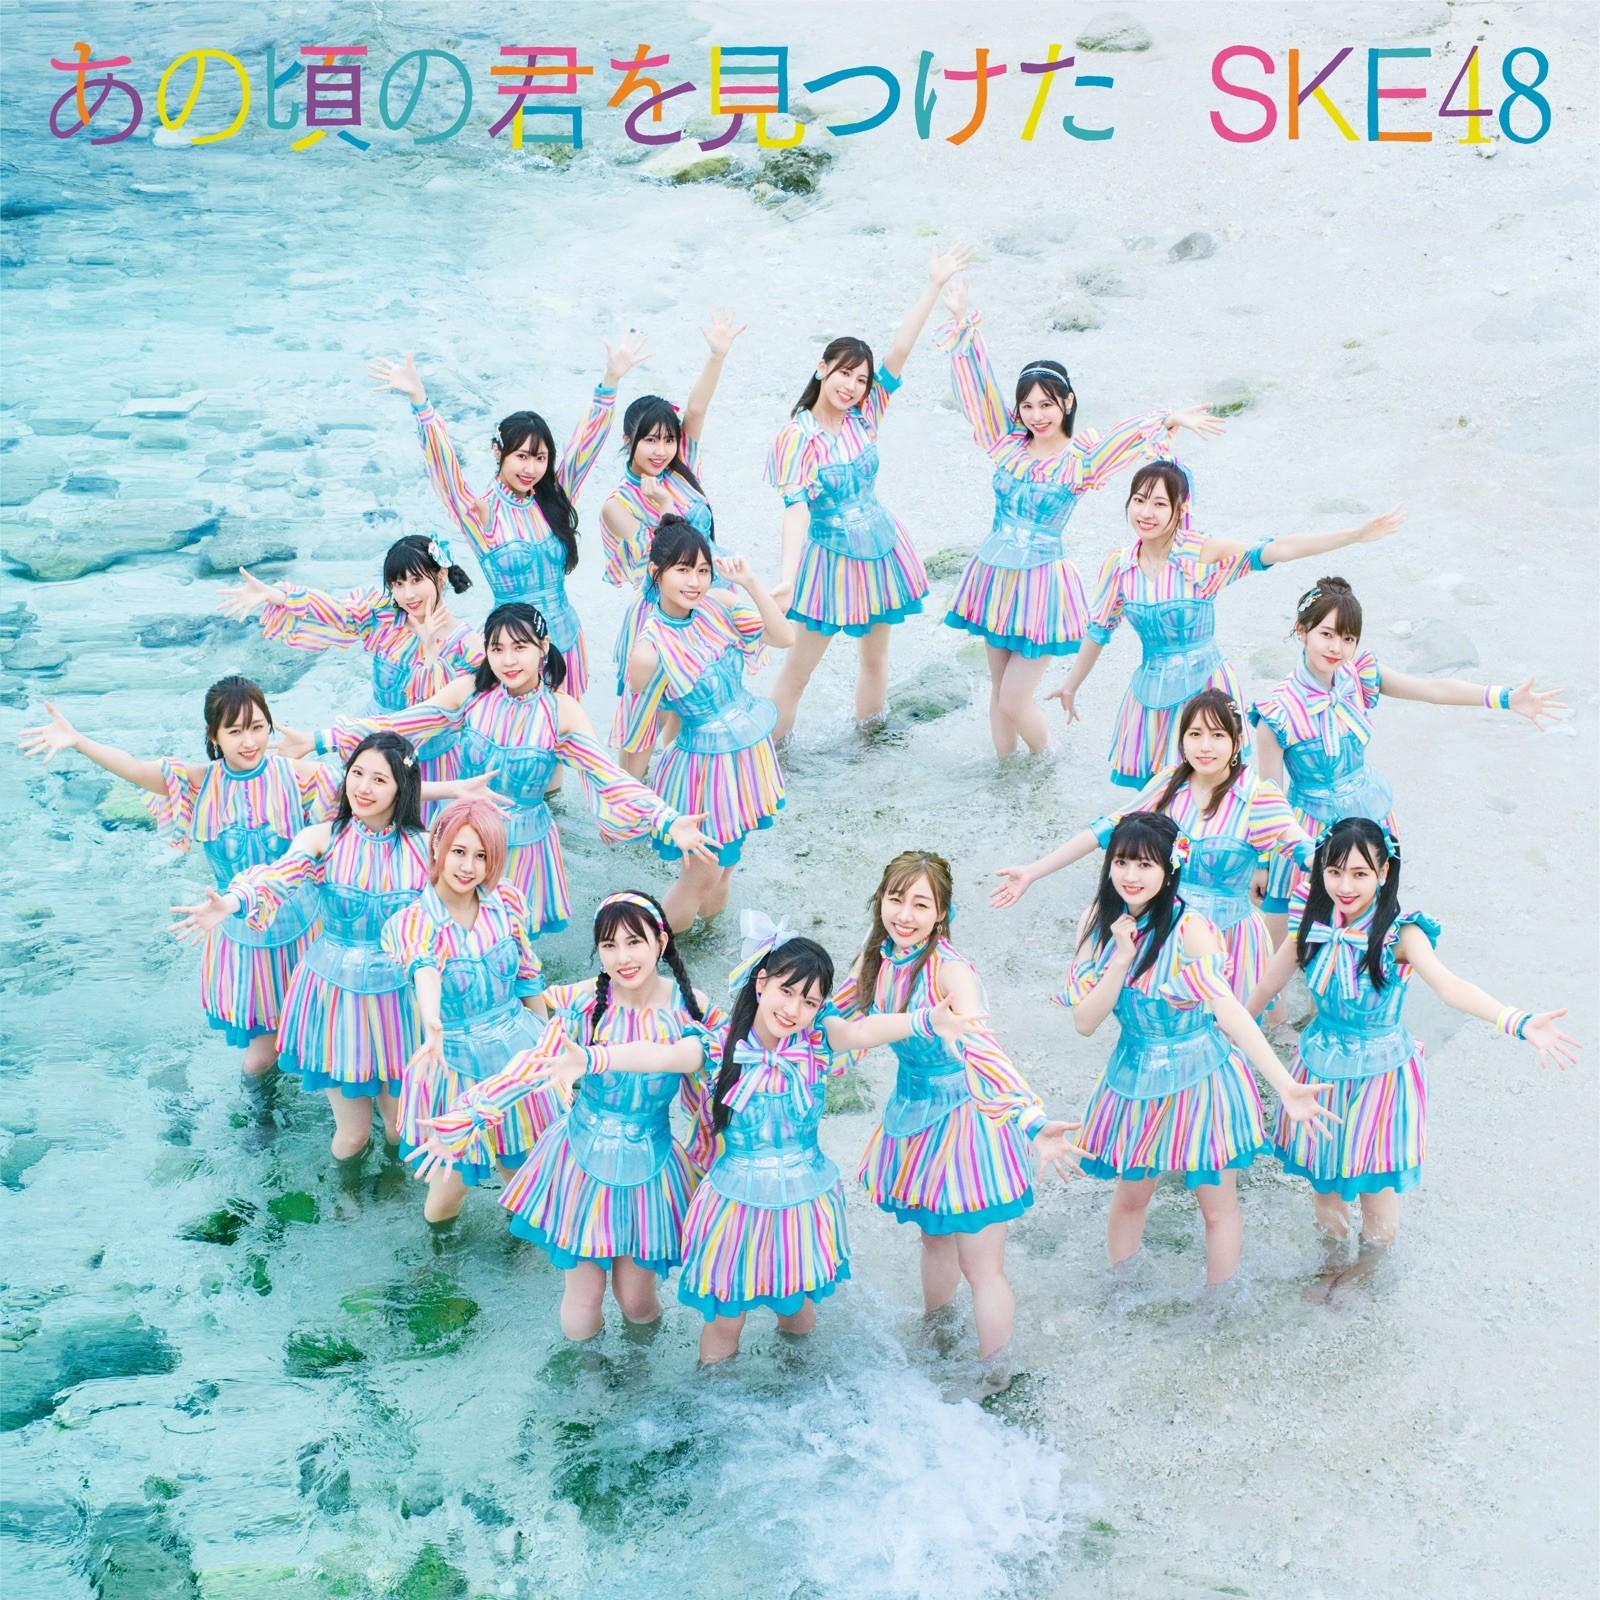 SKE48 - Ano Koro no Kimi wo Mitsuketa